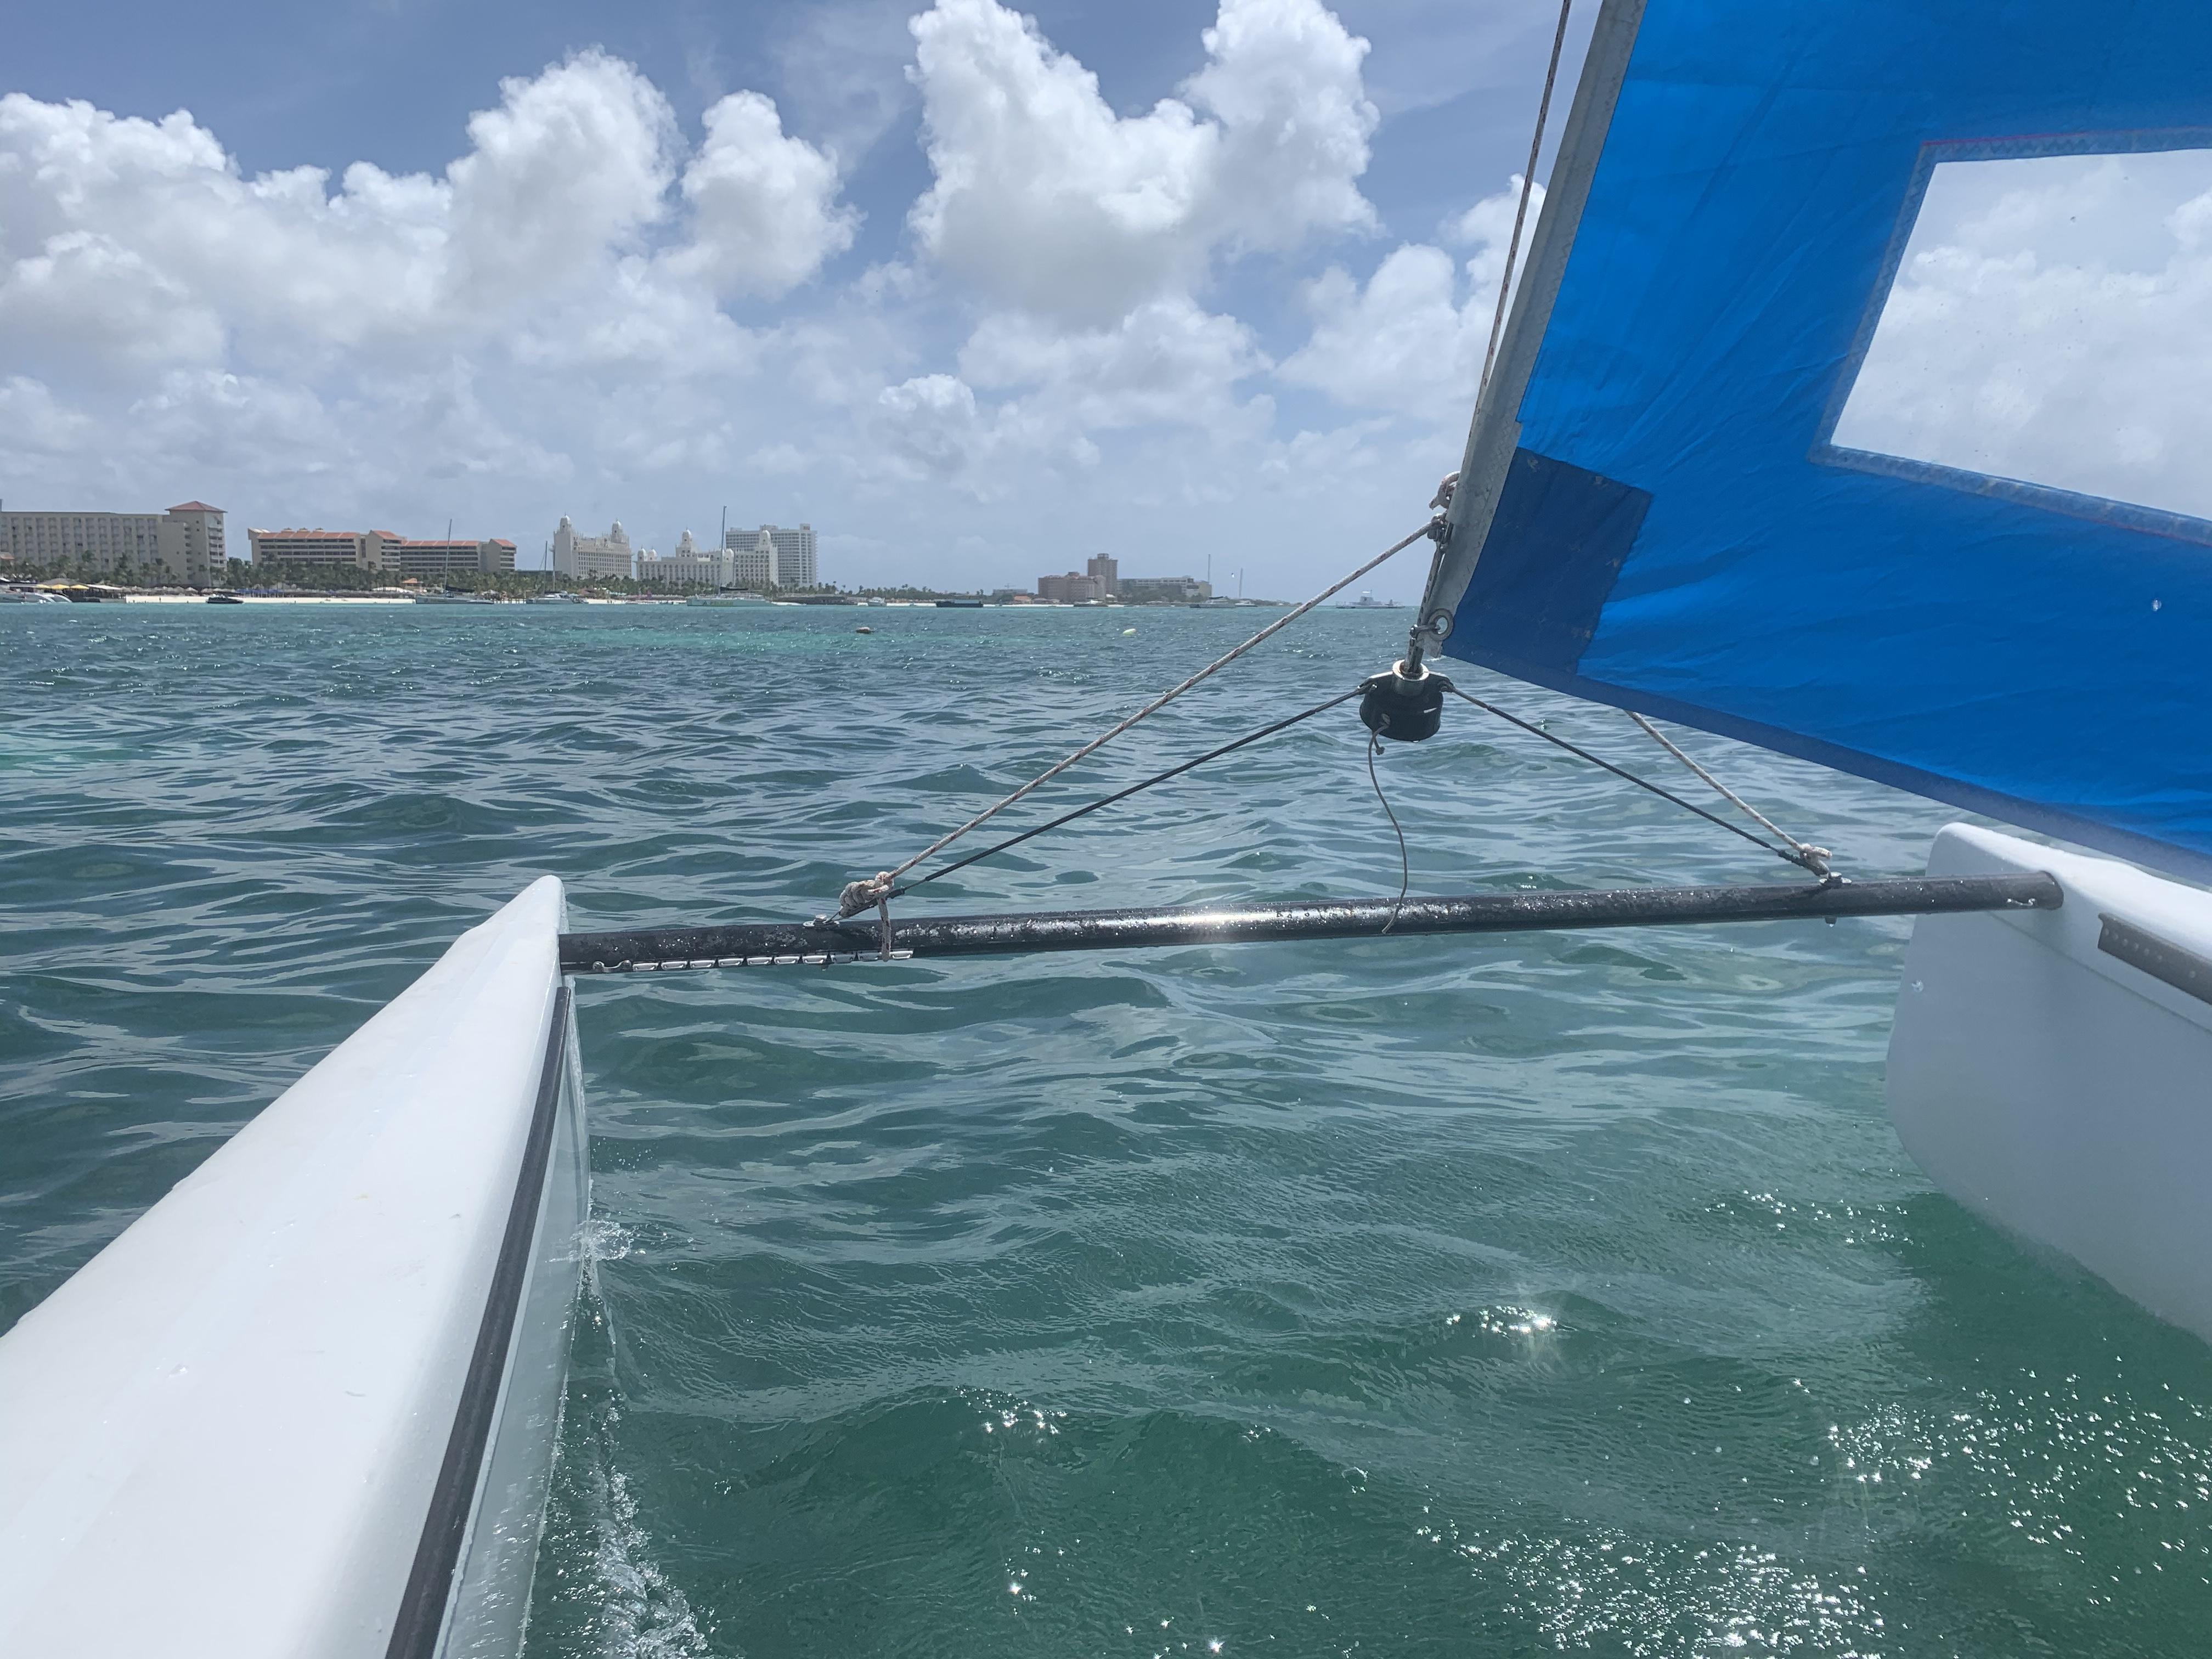 Hobie 14 one hour Sailing